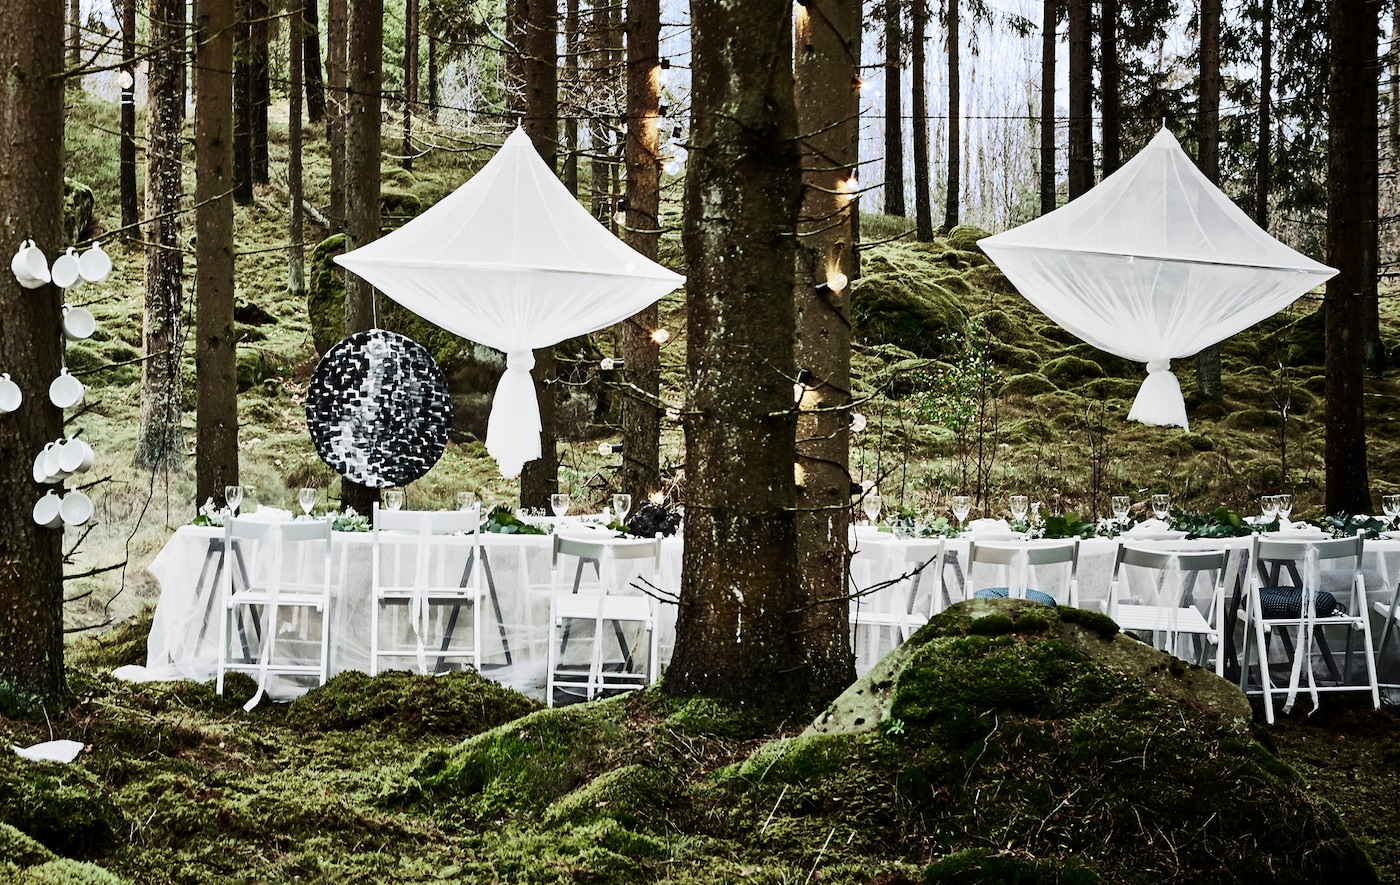 Décor de table pour une fête de mariage en forêt, avec chaises blanches, nappes en voilages et grandes décorations centrales suspendues à la manière de lustres